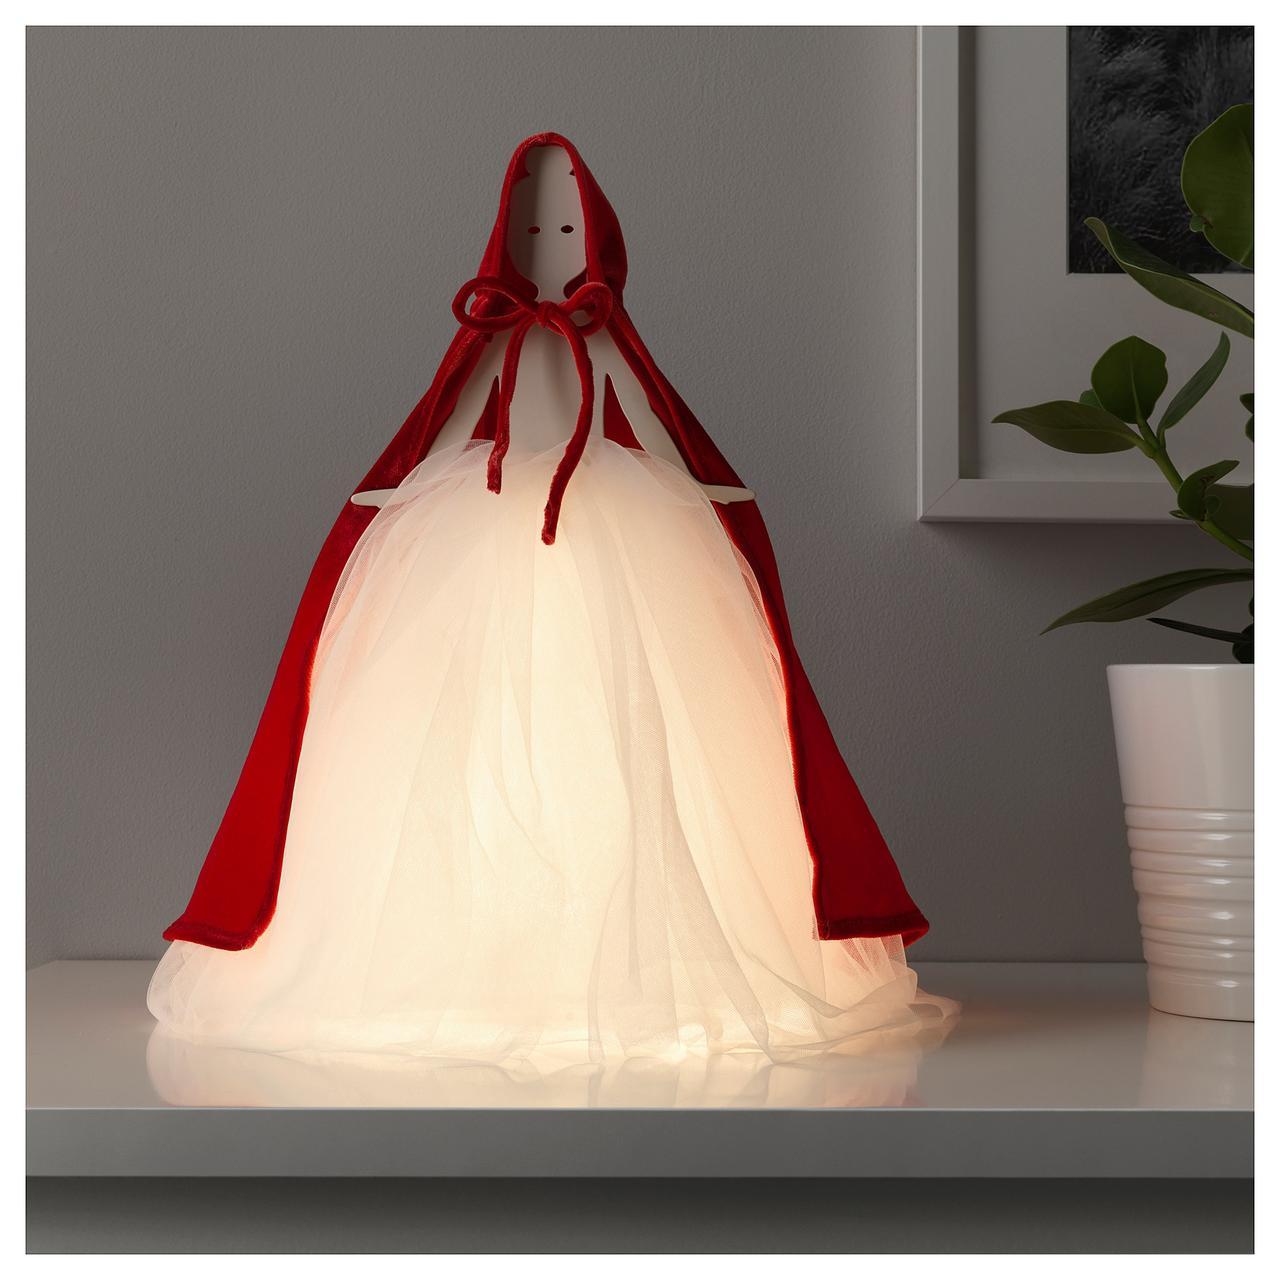 СТРОЛА Настольная лампа, светодиодная, девочка красный, белый